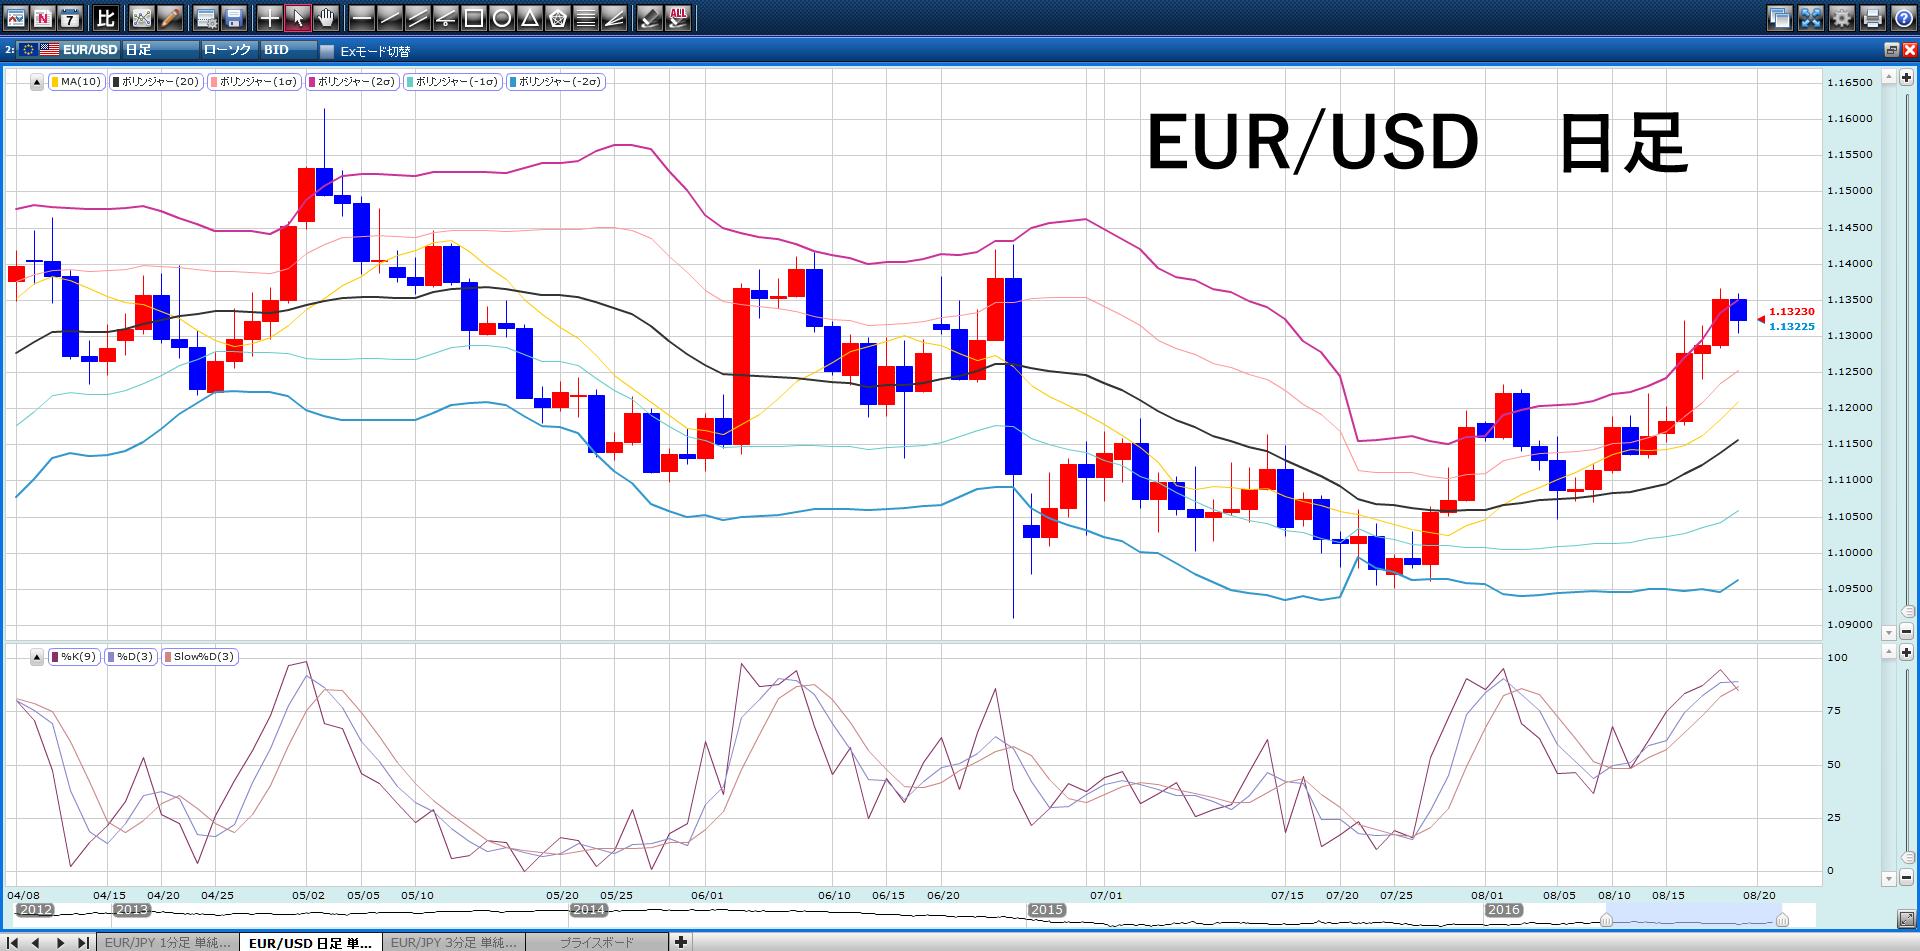 EUR/USDはここ数日、順調に上がってきていた